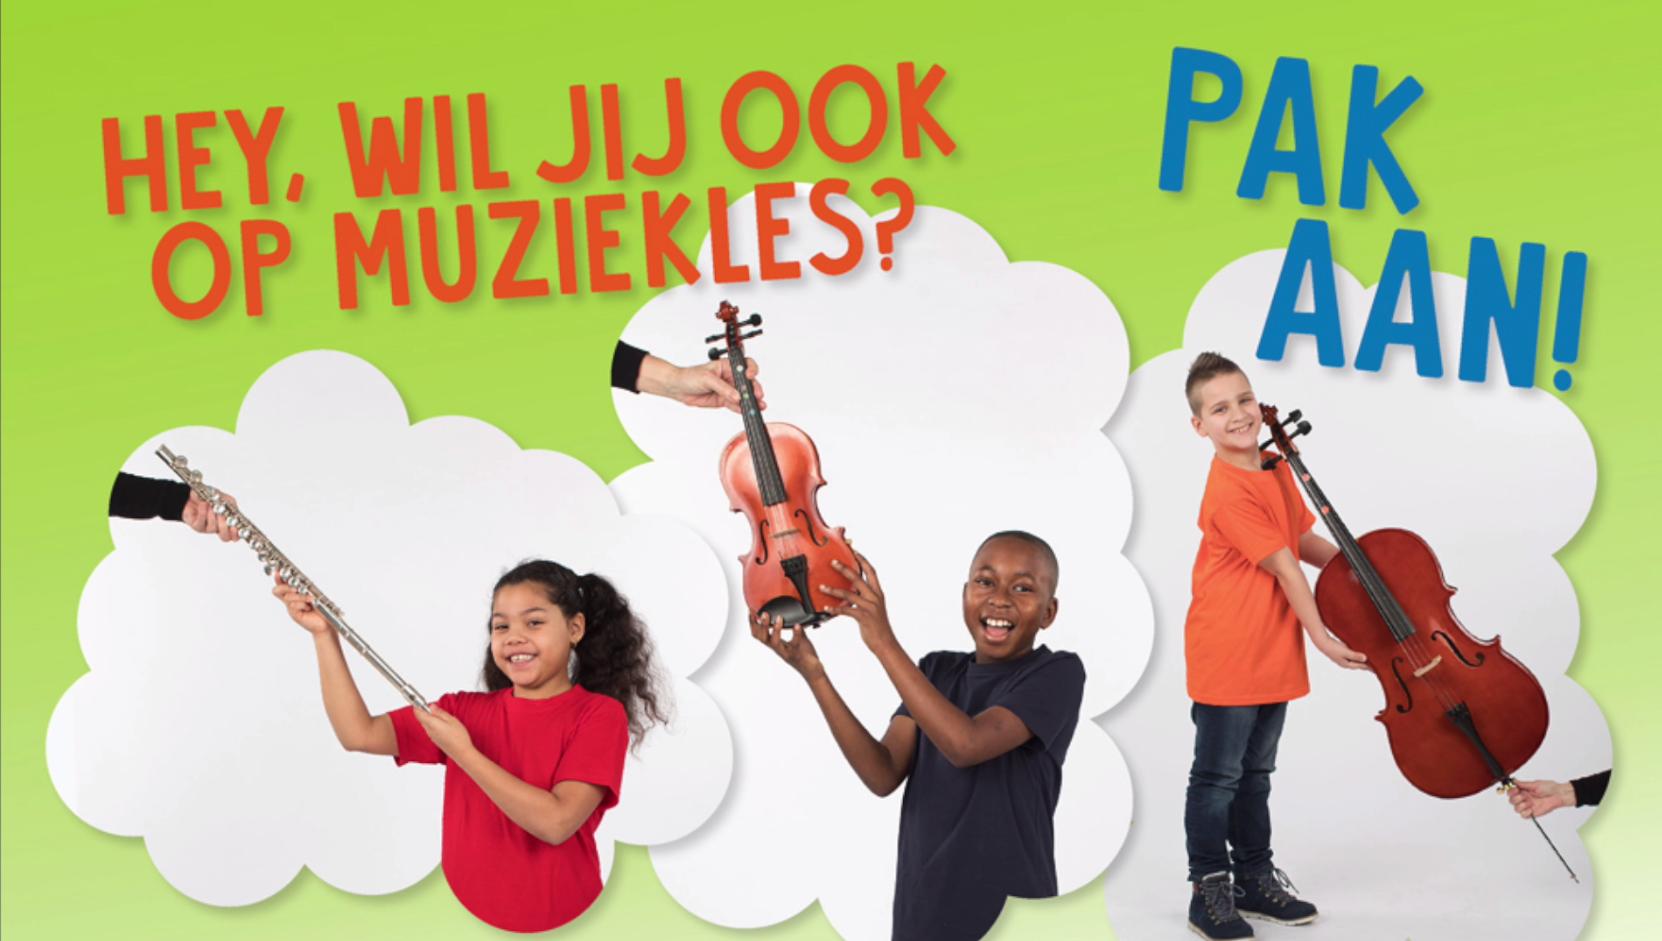 Geen geld voor muziekles? Pak aan, een gratis instrument!